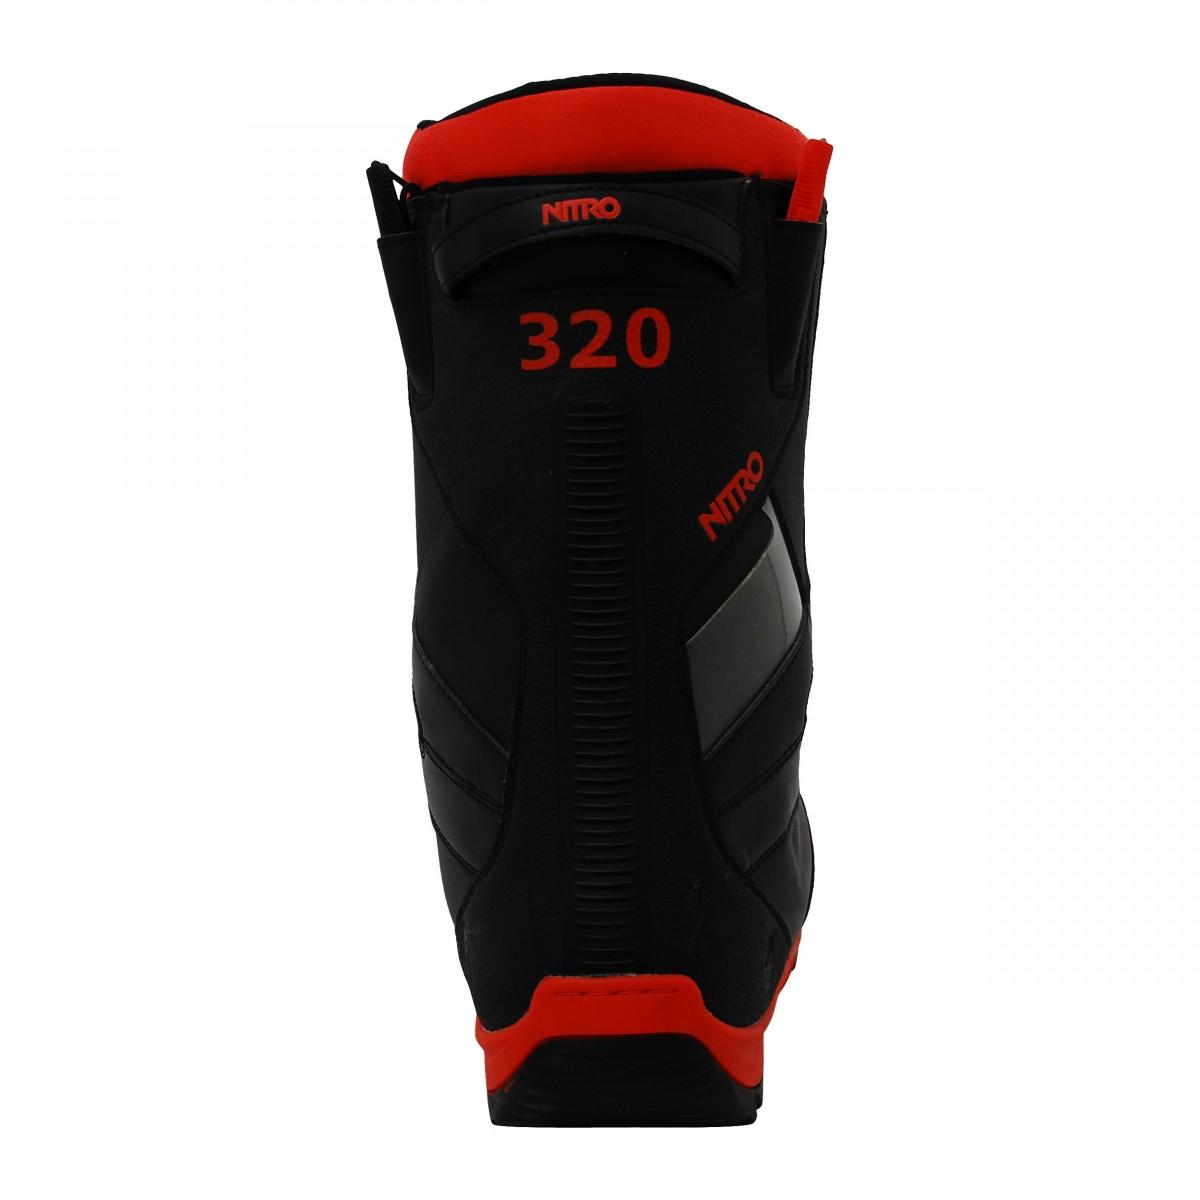 Boots-de-snowboard-occasion-Nitro-TlS-noir-semelle-rouge miniature 5